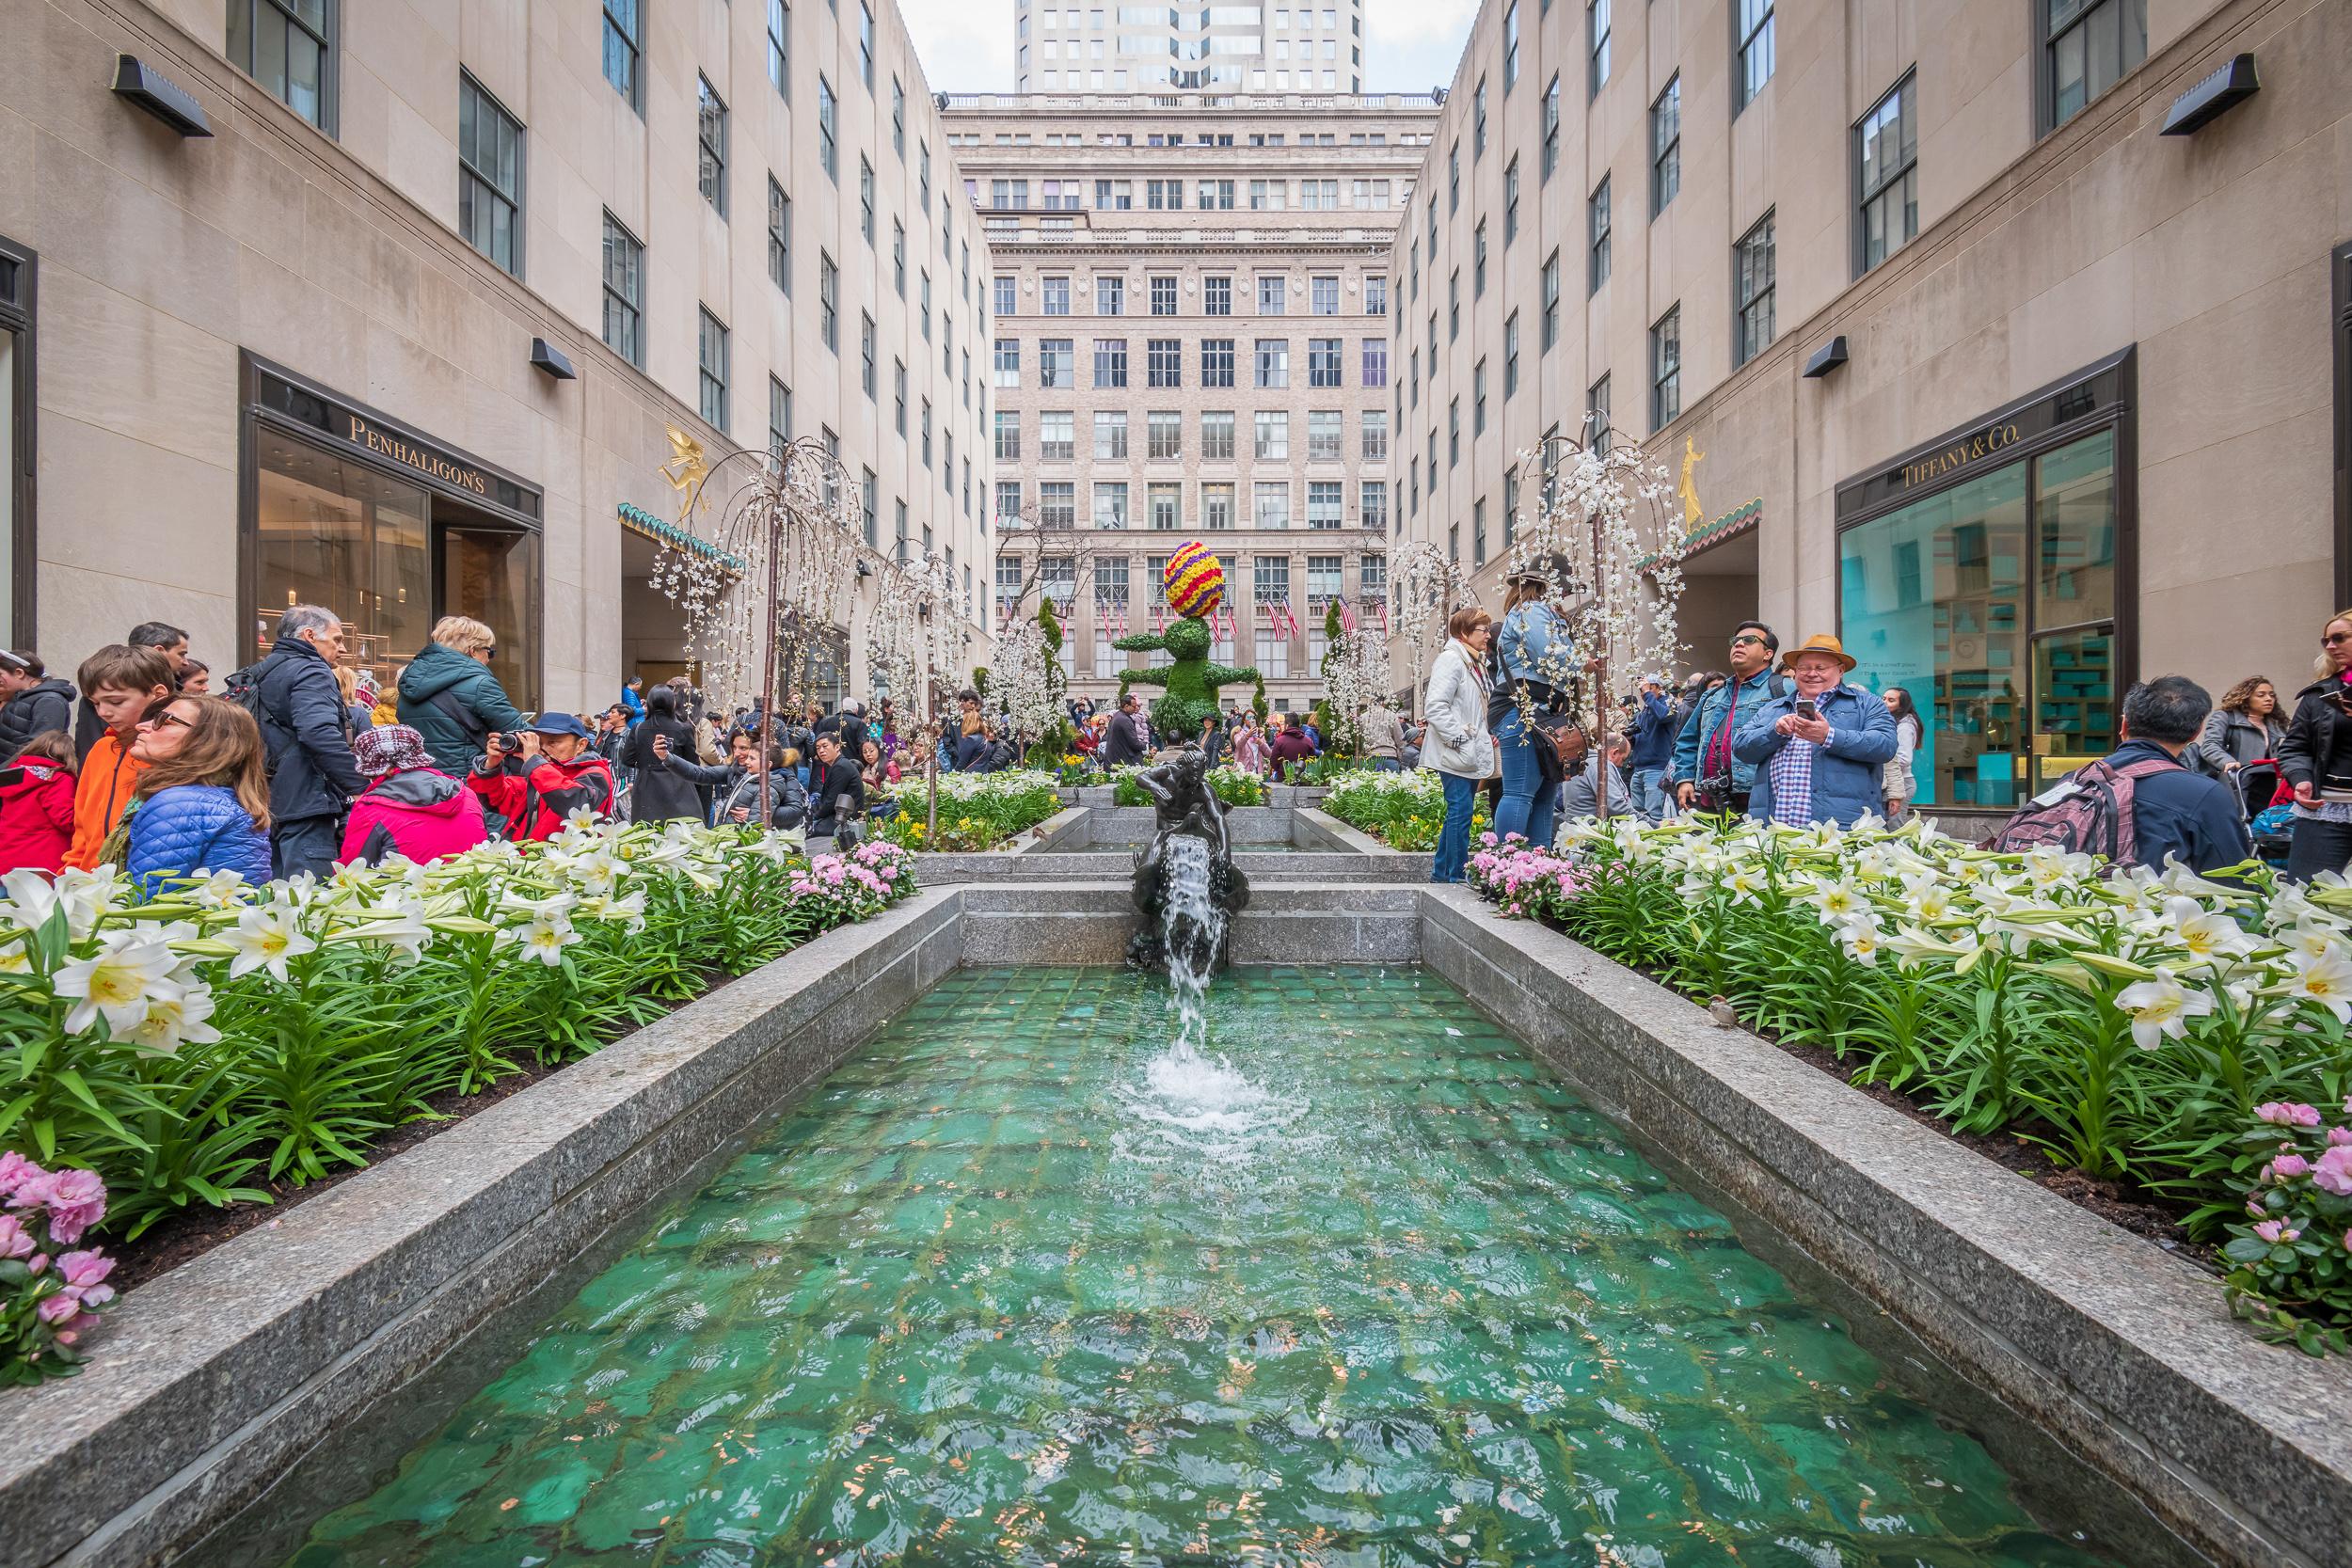 Rockefeller Center Channel Gardens